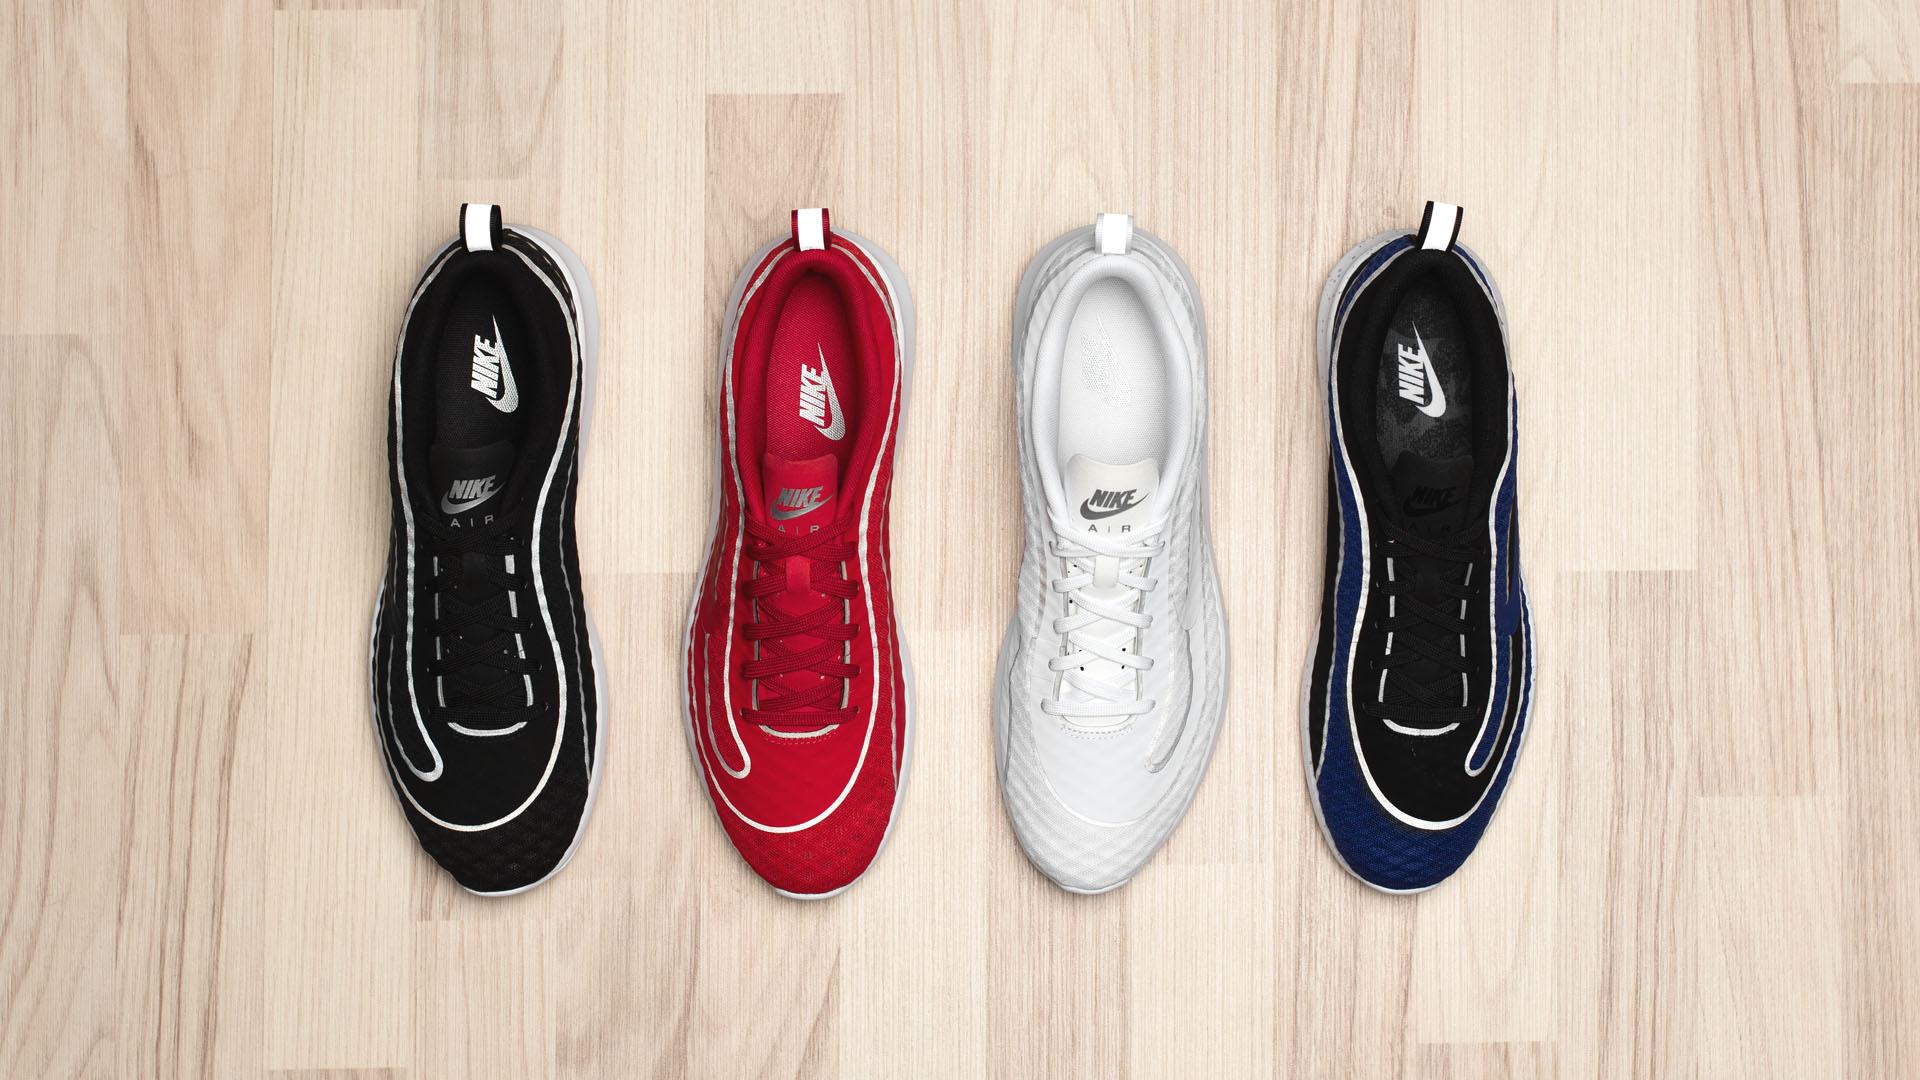 Max Admirez Les F cAir Mercurial R9 Nike mwNnv80